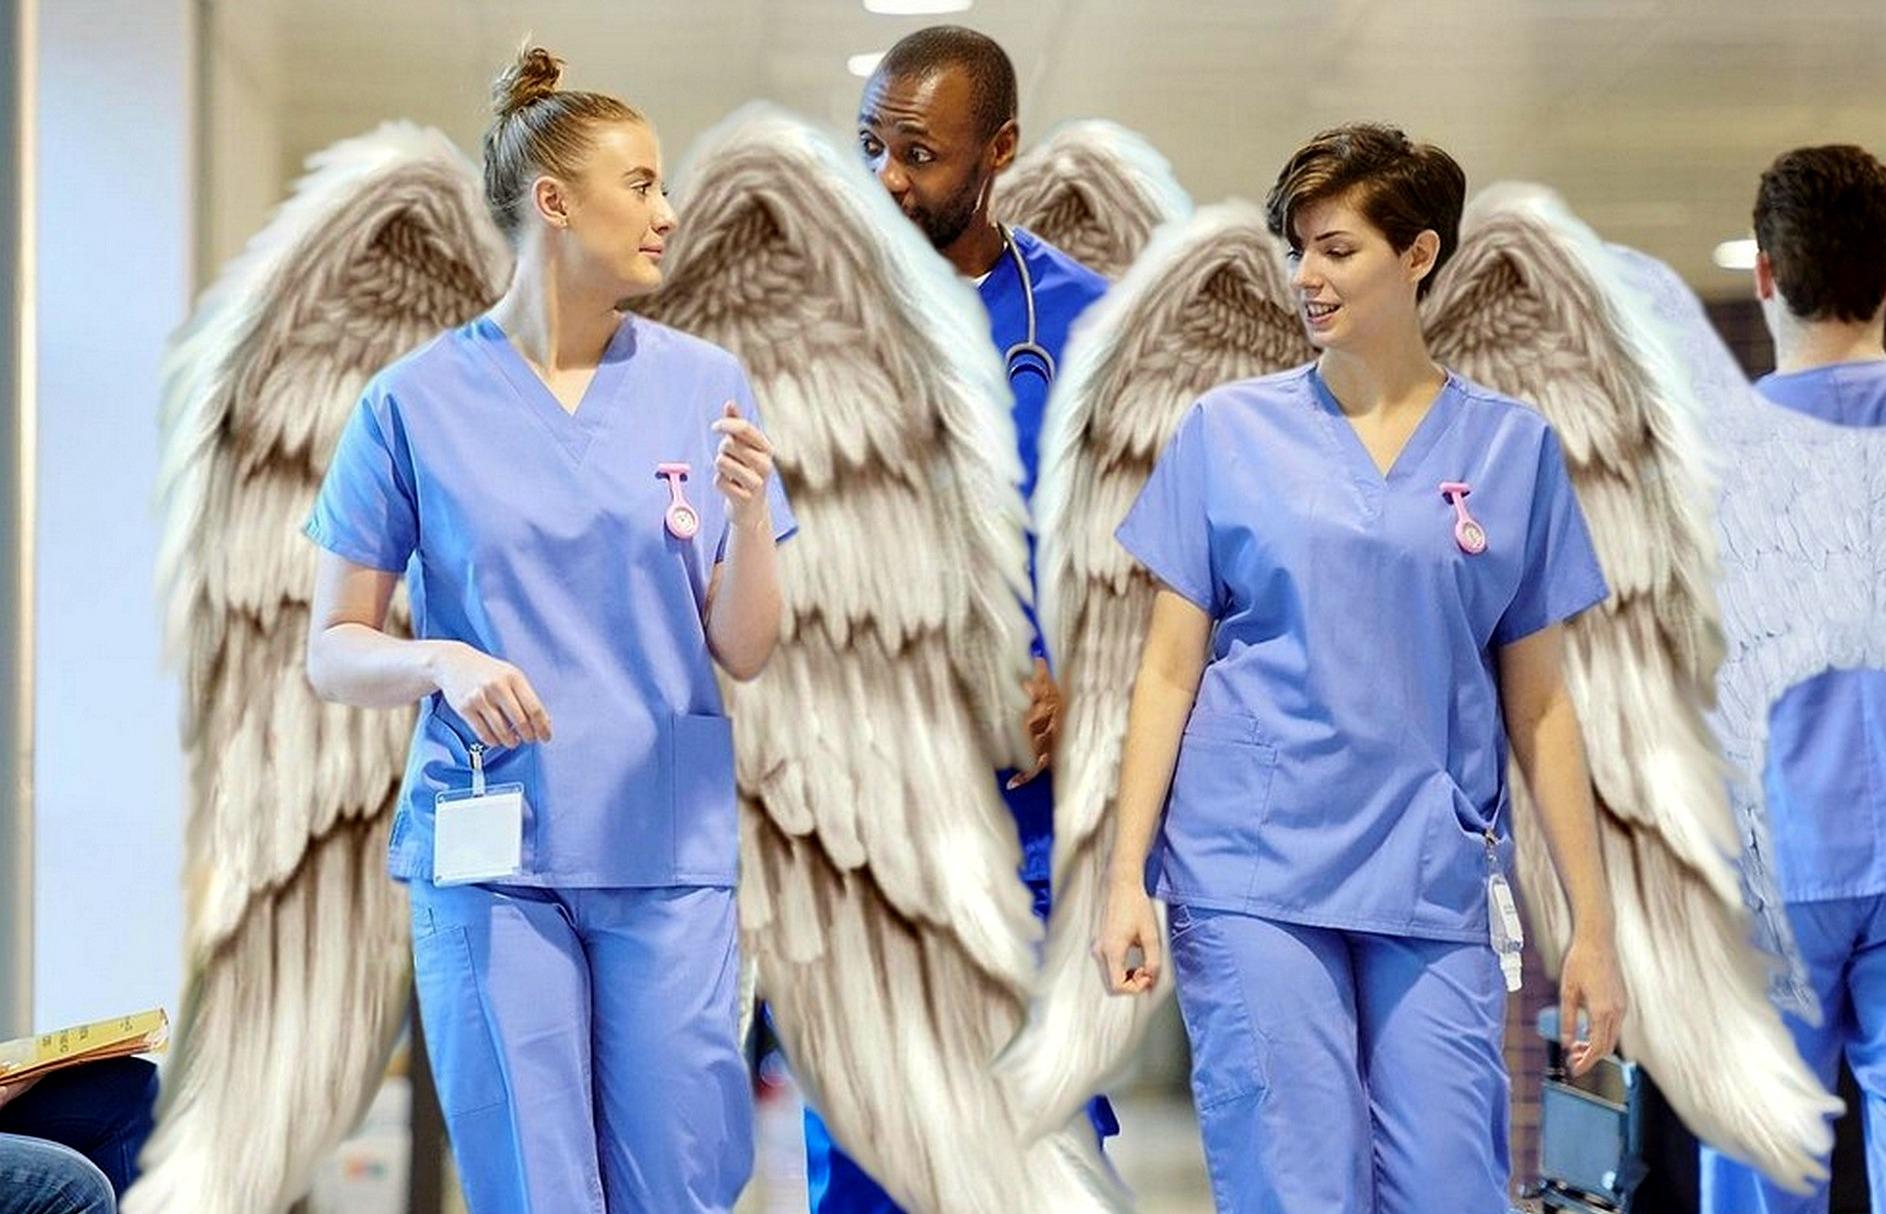 Będę ŻYŁ! Relacja pacjenta wprost z sanockiego szpitala covidowego - Zdjęcie główne